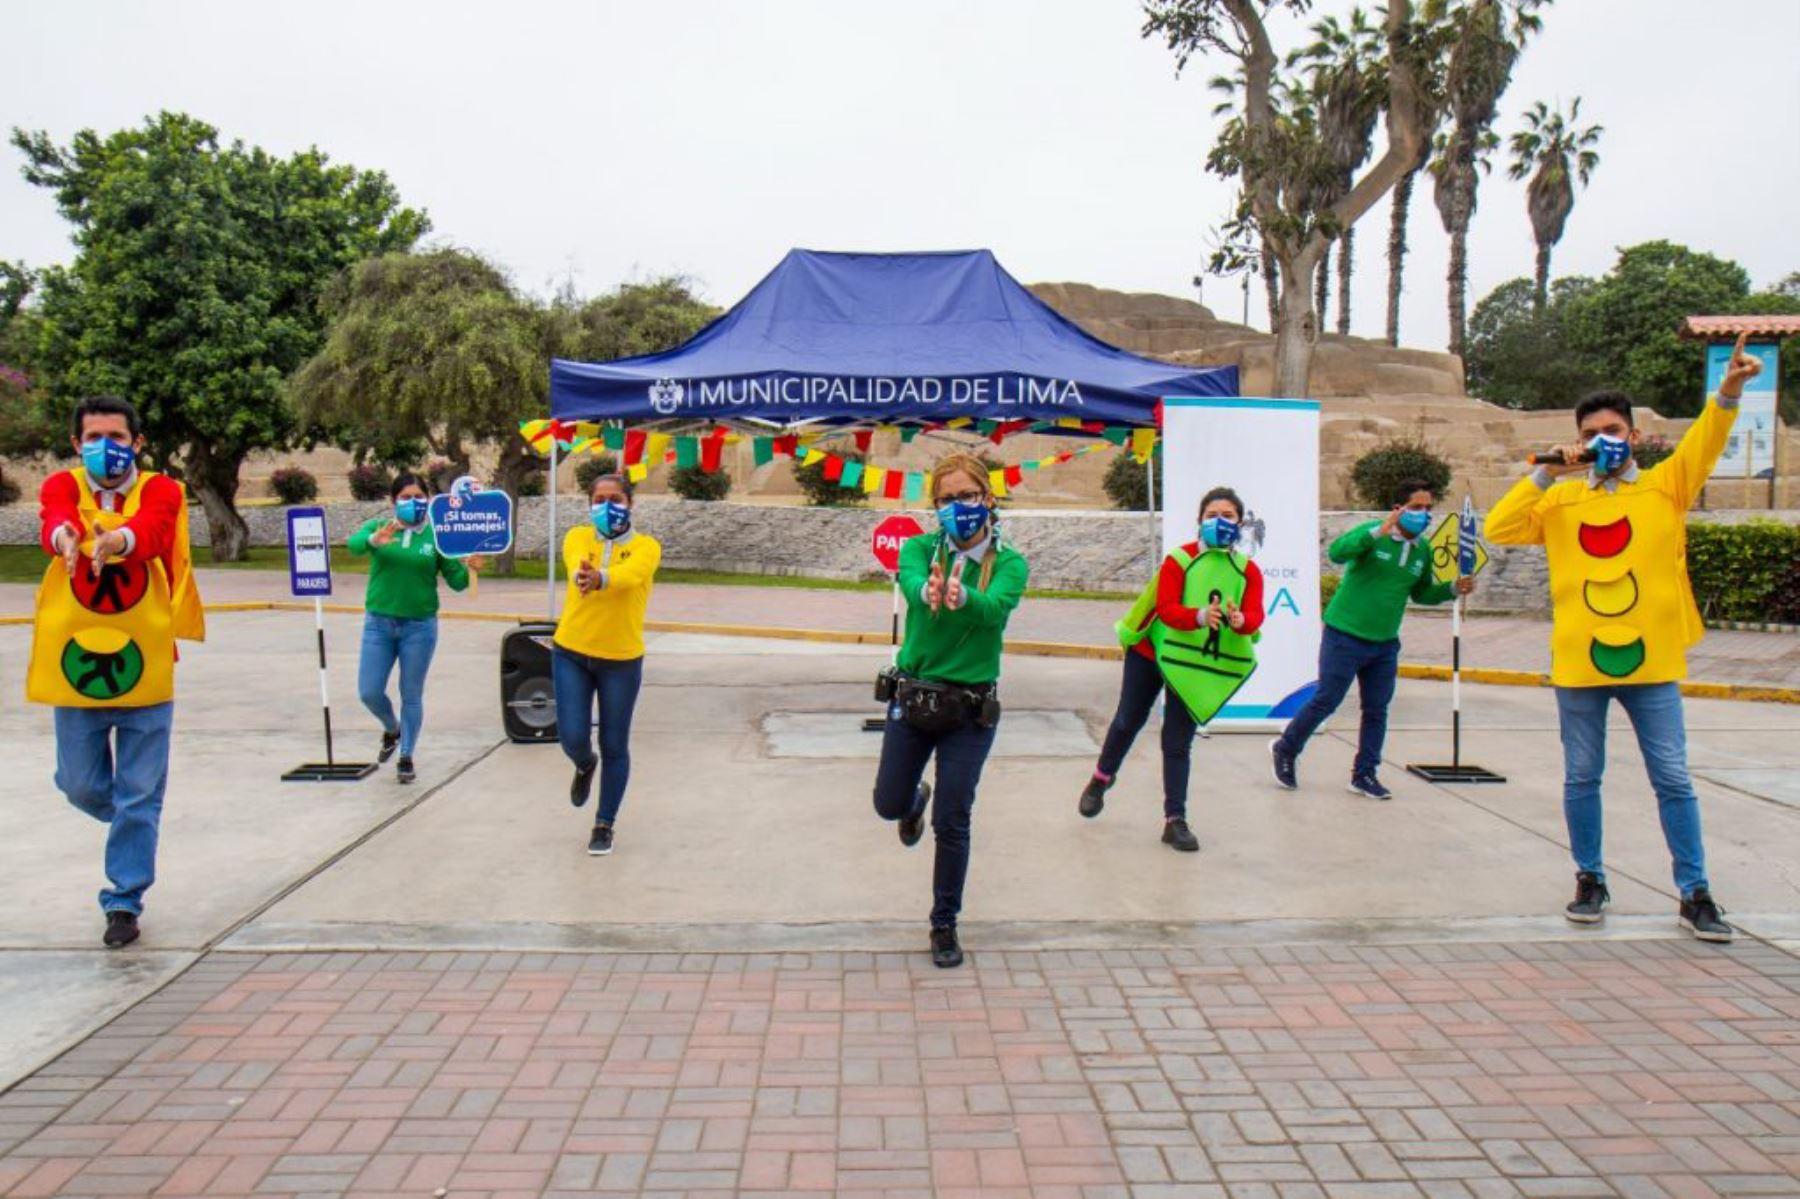 MML organiza actividades educativas y juegos en espacios abiertos para toda la familia